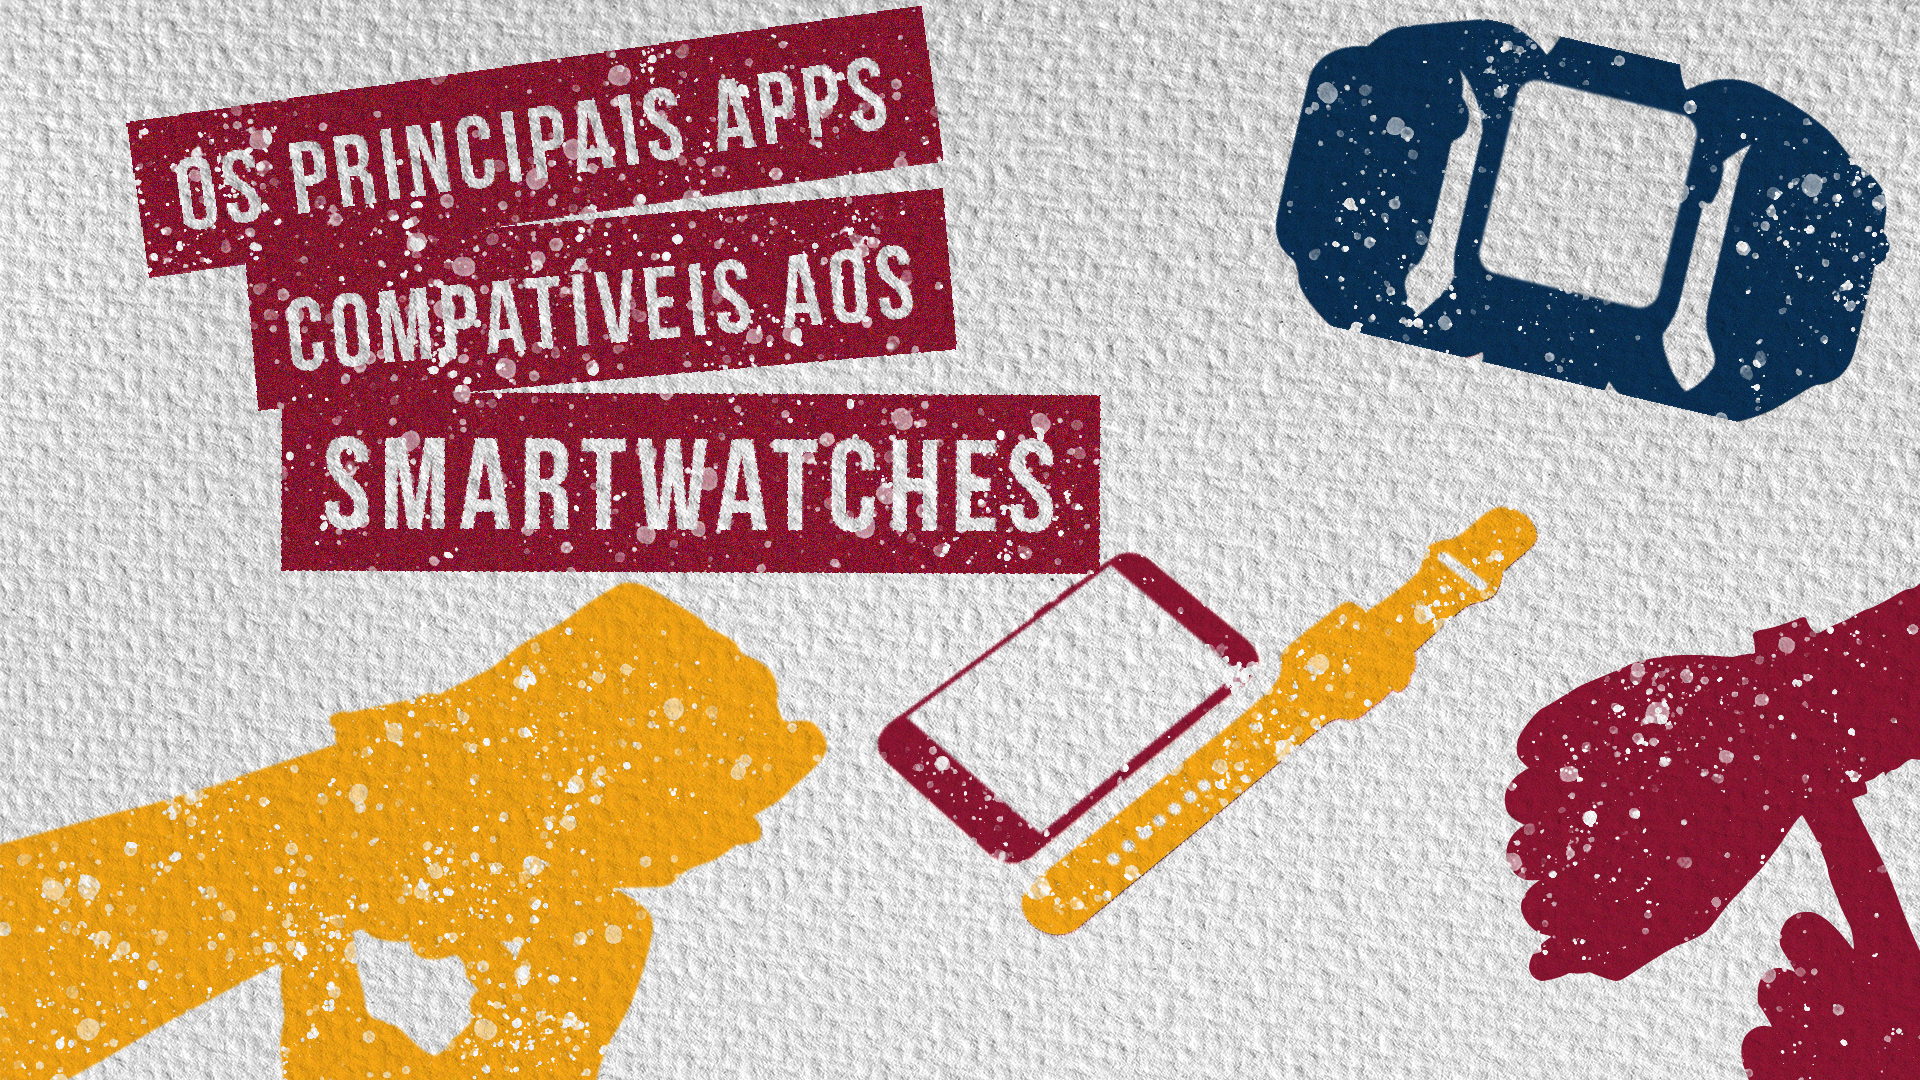 Atualmente, contamos com duas plataformas principais de SmartWatches: Google Wear e Apple Watch.